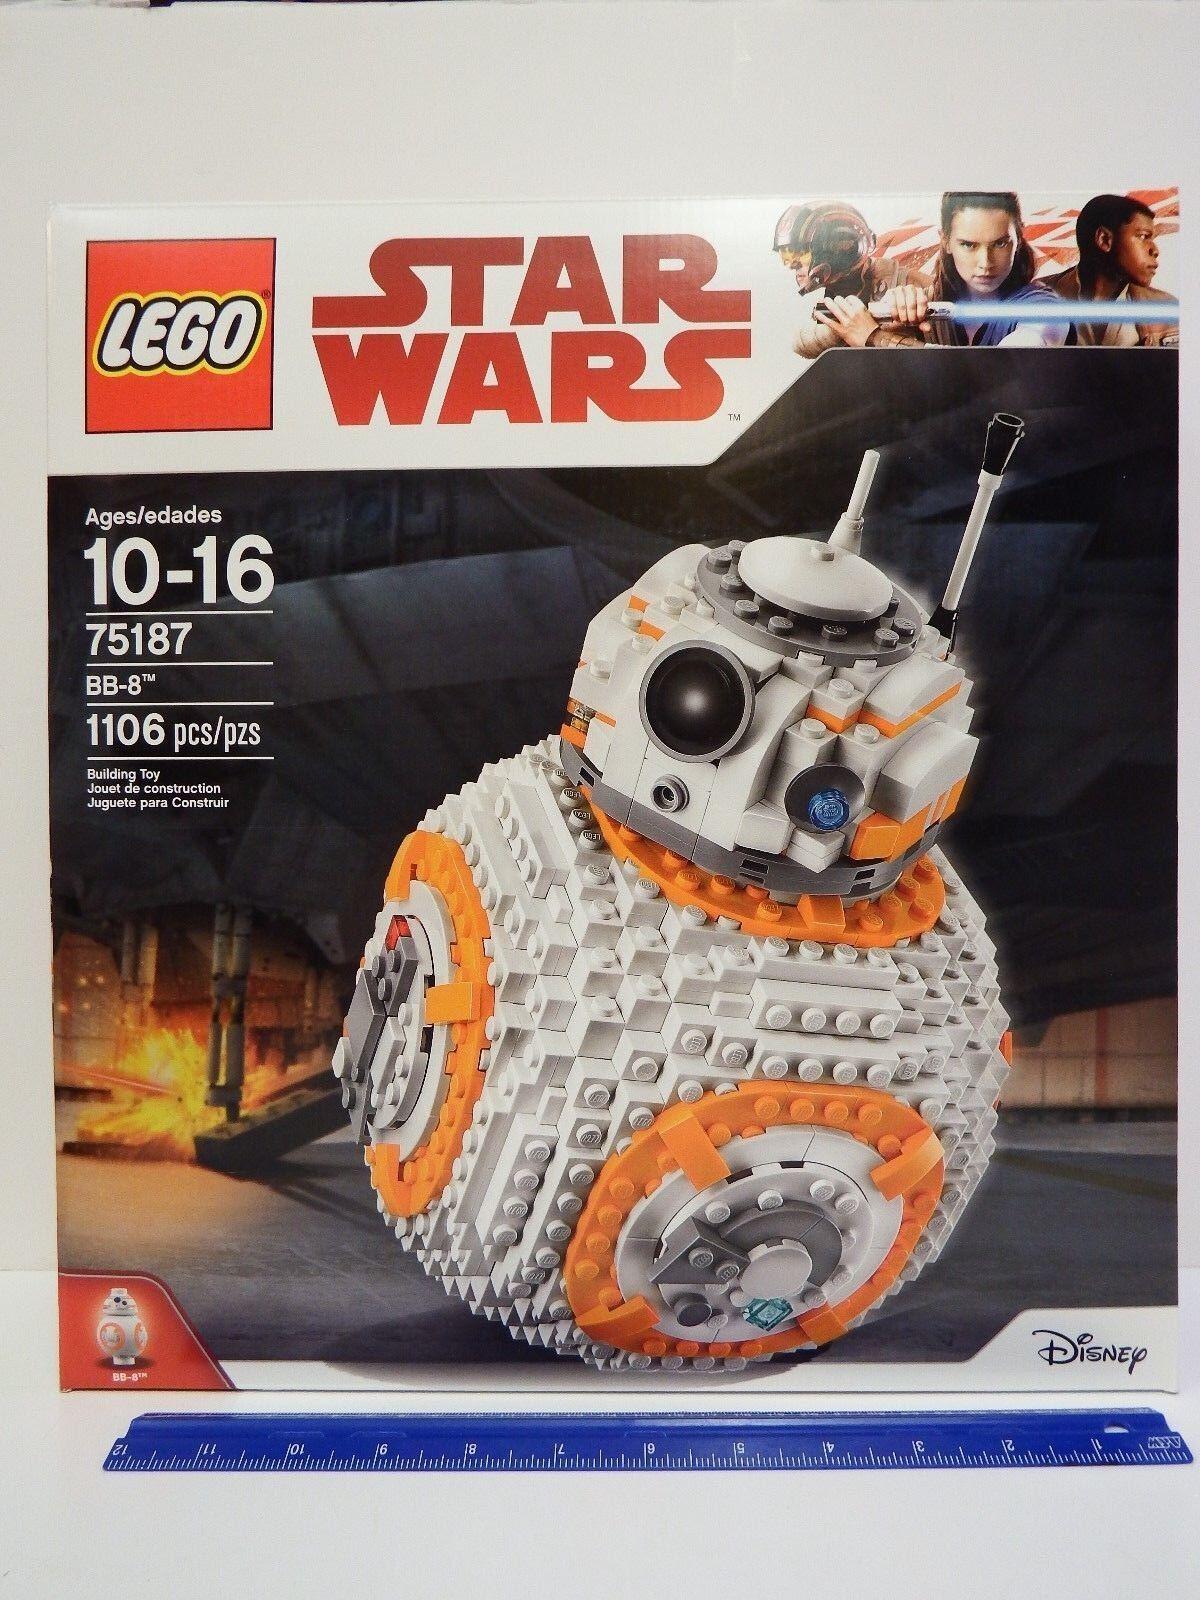 Lego Star Wars-Modelo Nº 75187-BB-8 - 1106 Pc Set-Edad 10-16 - Doblado Caja Dentada